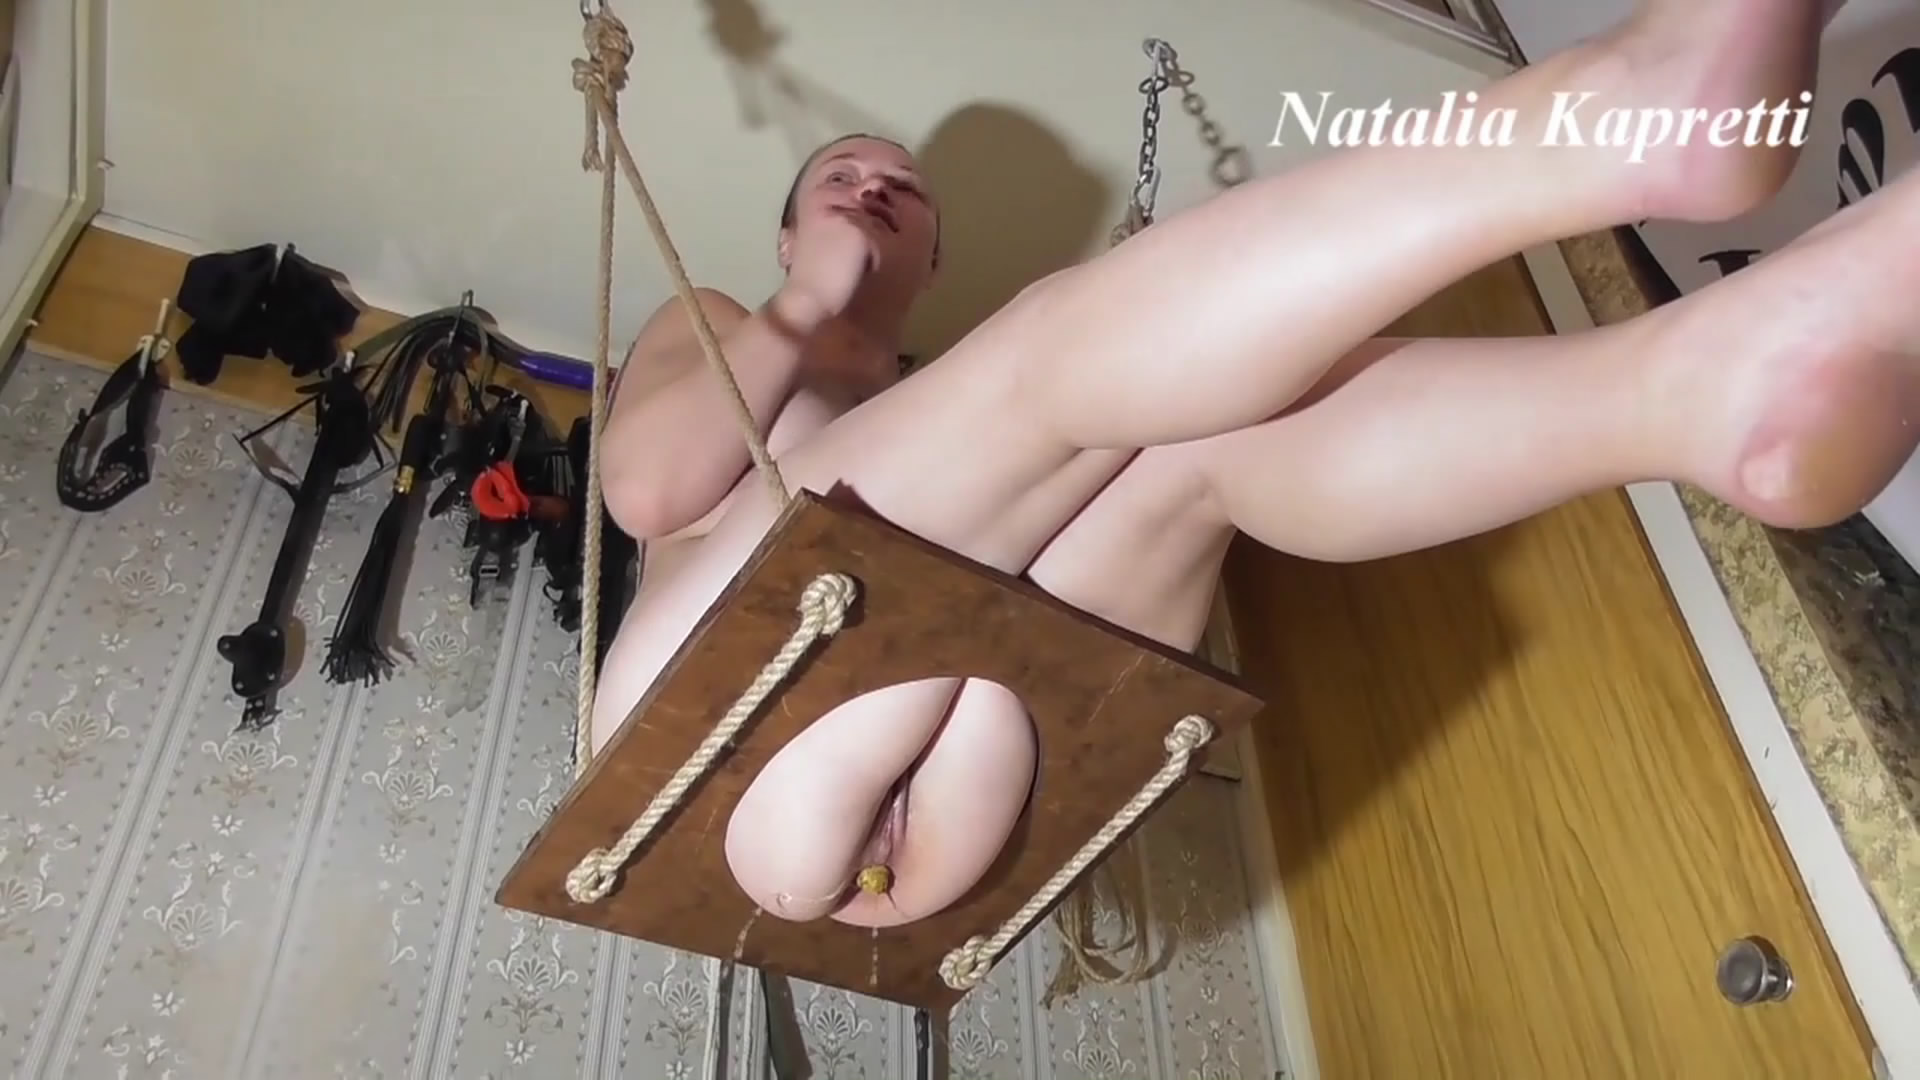 Shitting On Swing Feels Like A Queen starring in video Natalia Kapretti ($14.99 ScatShop) – Toilet Slavery